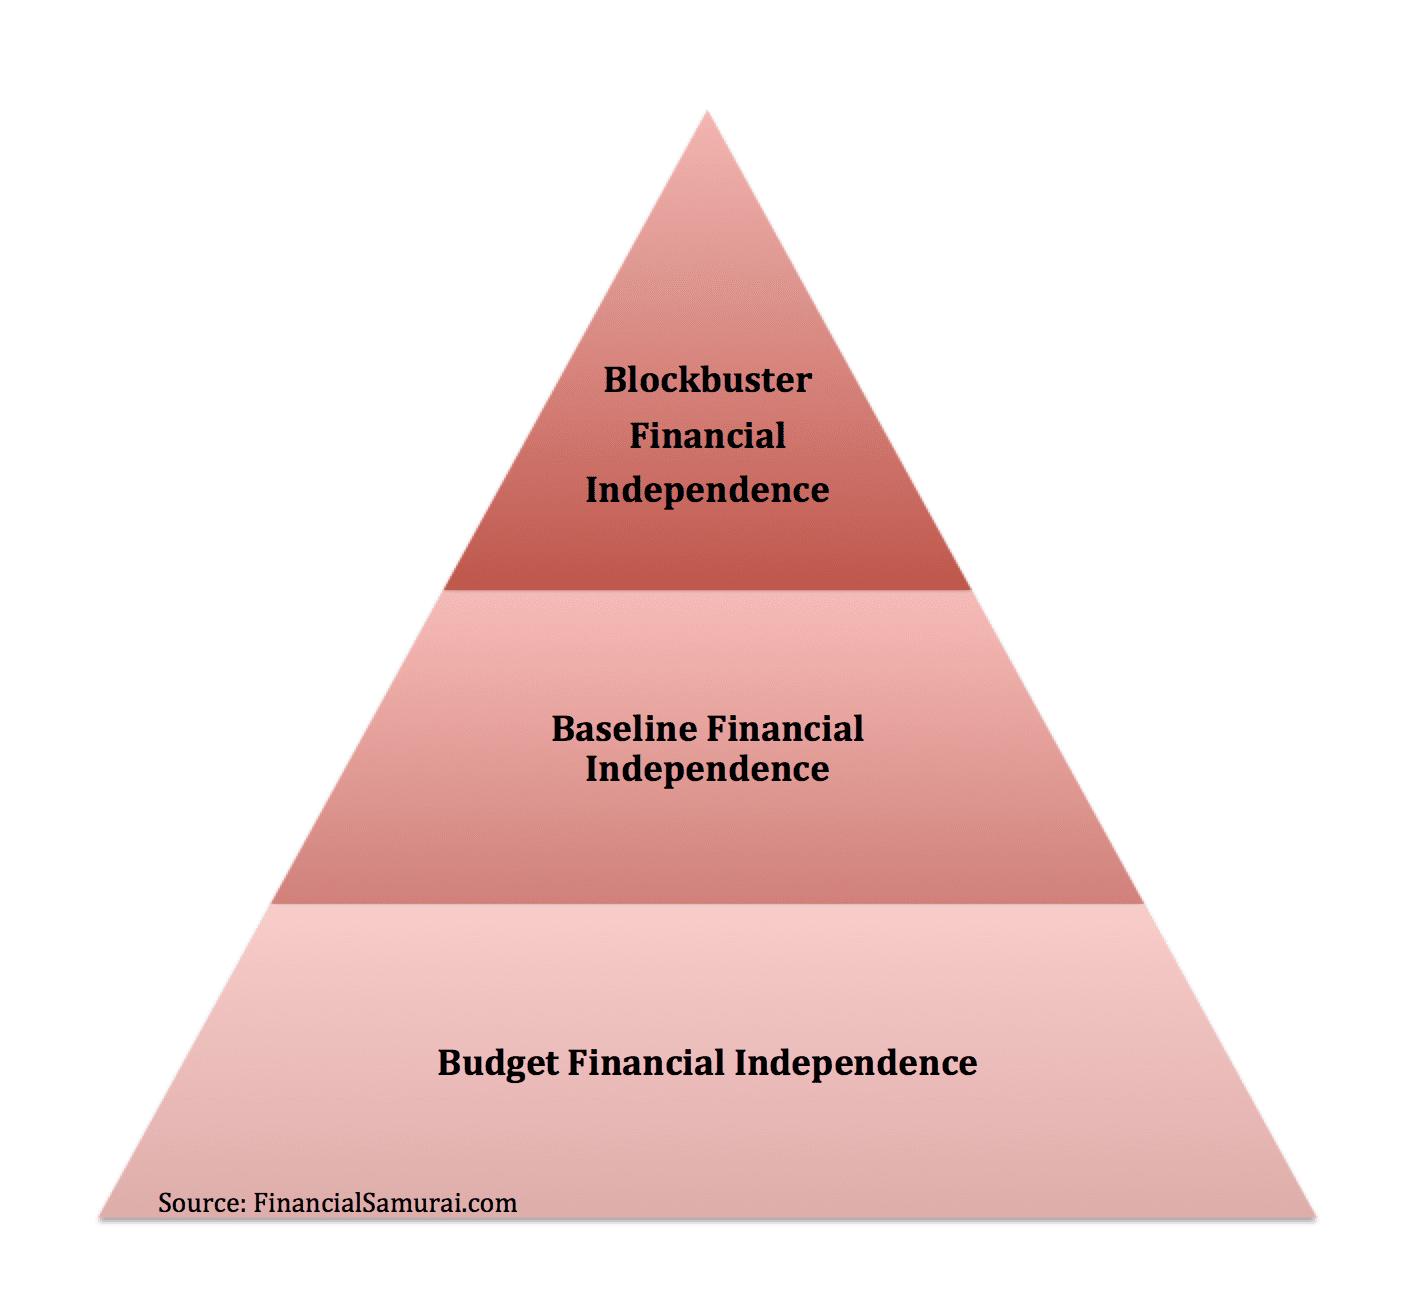 Los tres niveles de independencia financiera por Samurai financiero